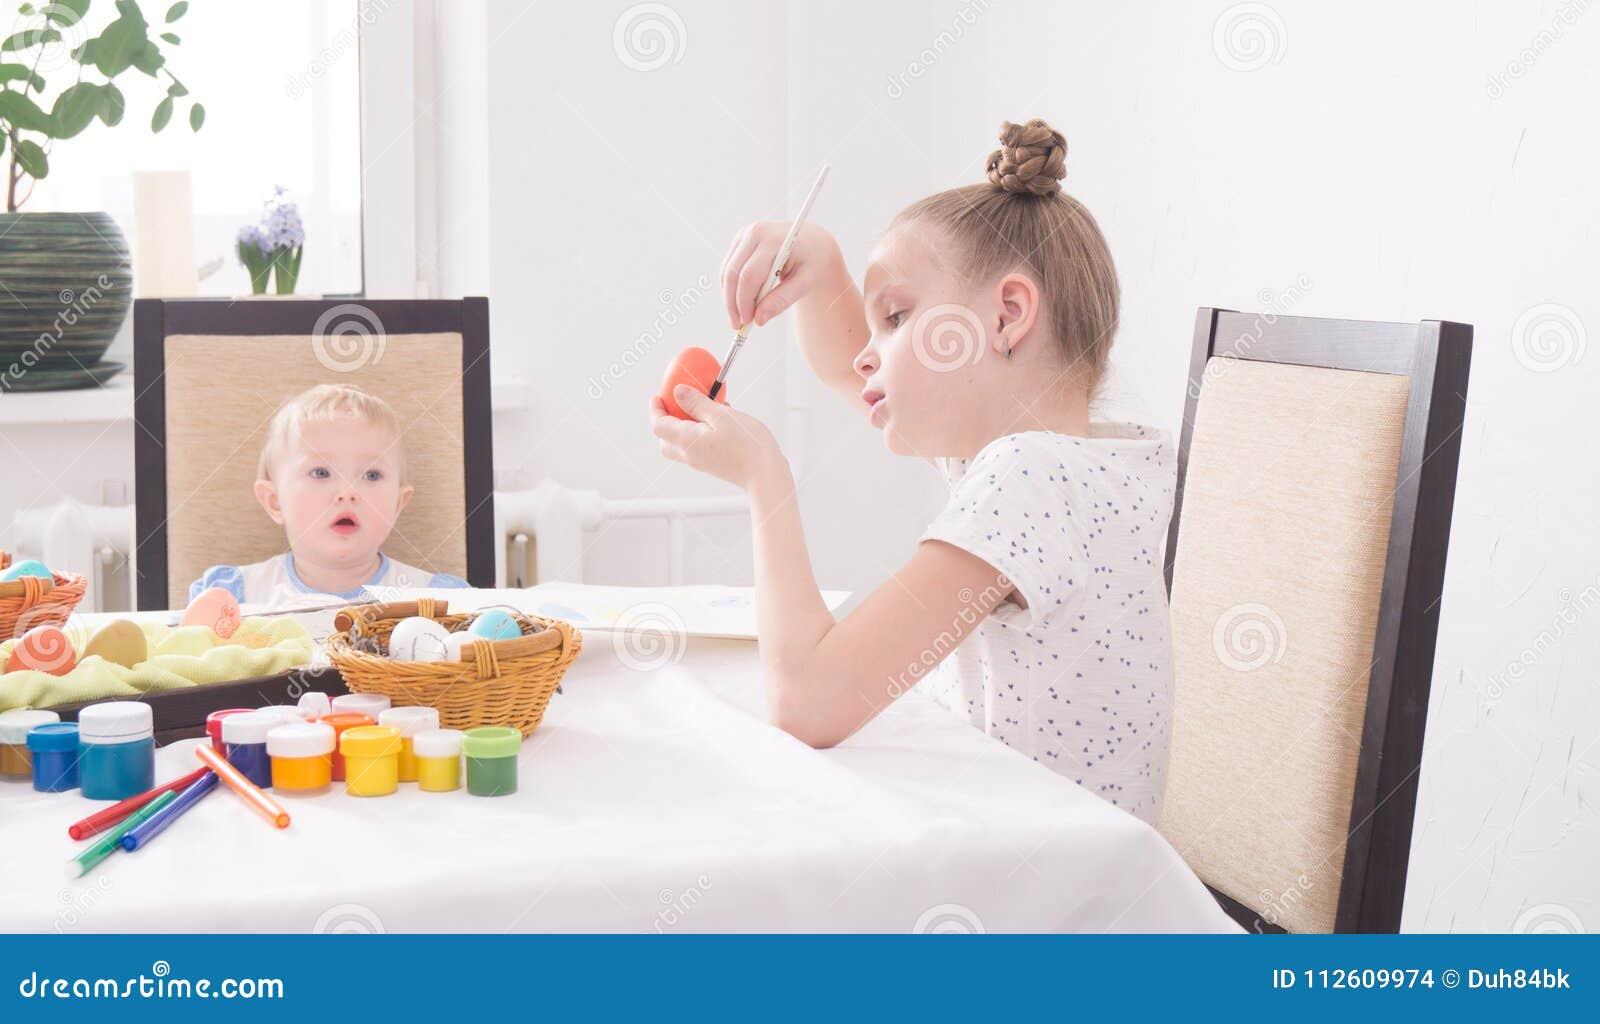 Pasqua nel circolo famigliare: Una ragazza dipinge un uovo di Pasqua I più giovani orologi della sorella con entusiasmo